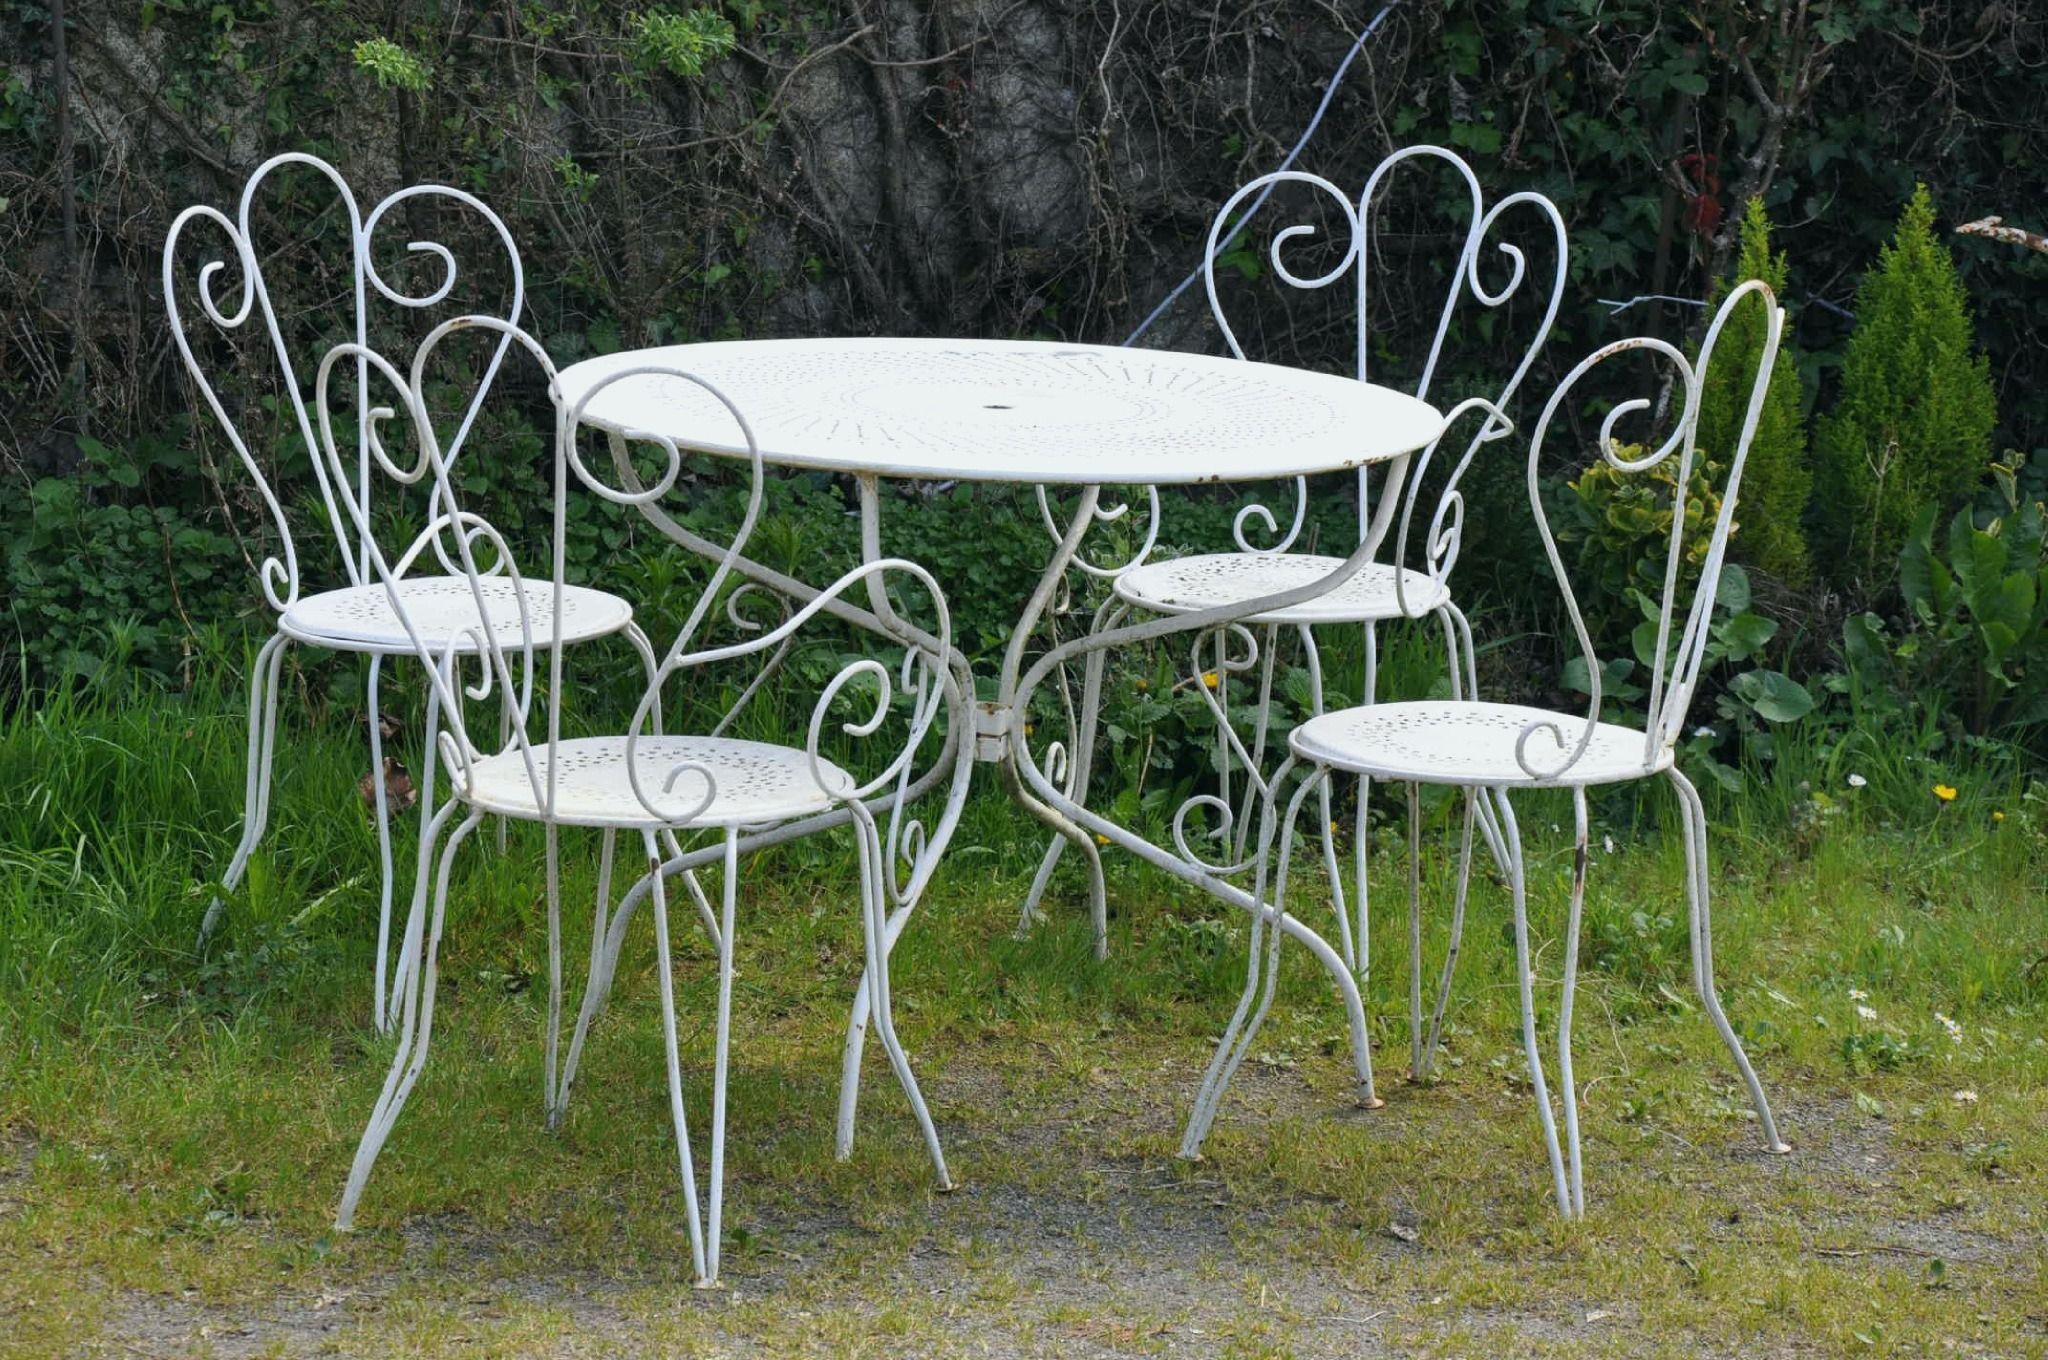 Table De Jardin Metal Avec Fresh Objet Decoration Jardin L Utilisation Des Tables De Jardin Peut Etre Une E In 2020 Outdoor Furniture Sets Dining Table Outdoor Decor